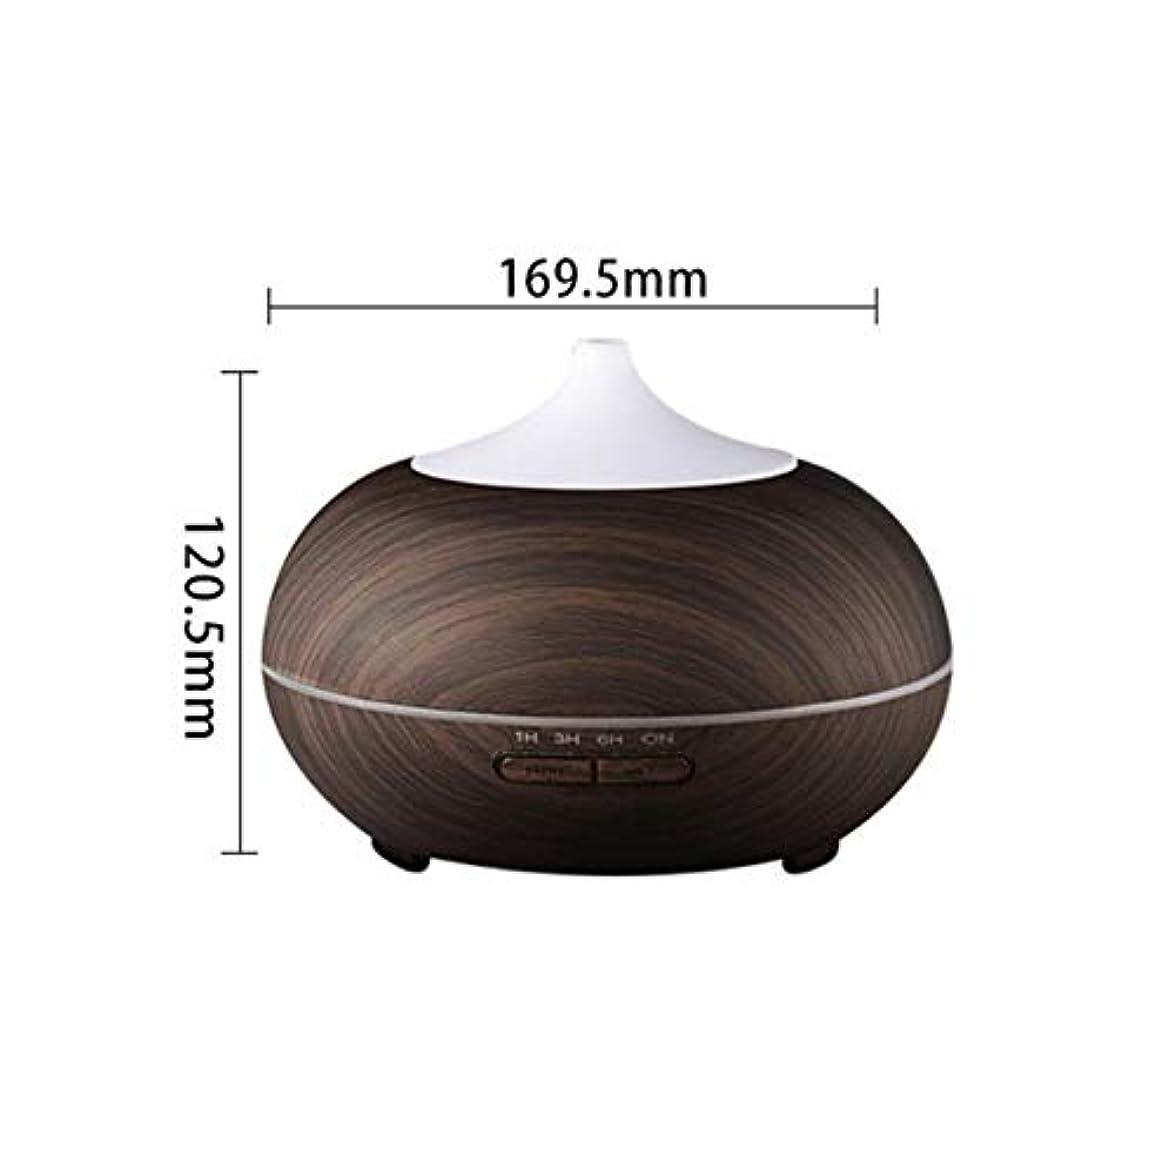 ダニエスニック羊飼い木目 涼しい霧 加湿器,7 色 空気を浄化 加湿機 時間 手動 Wifiアプリコントロール 精油 ディフューザー アロマネブライザー Yoga- 300ml